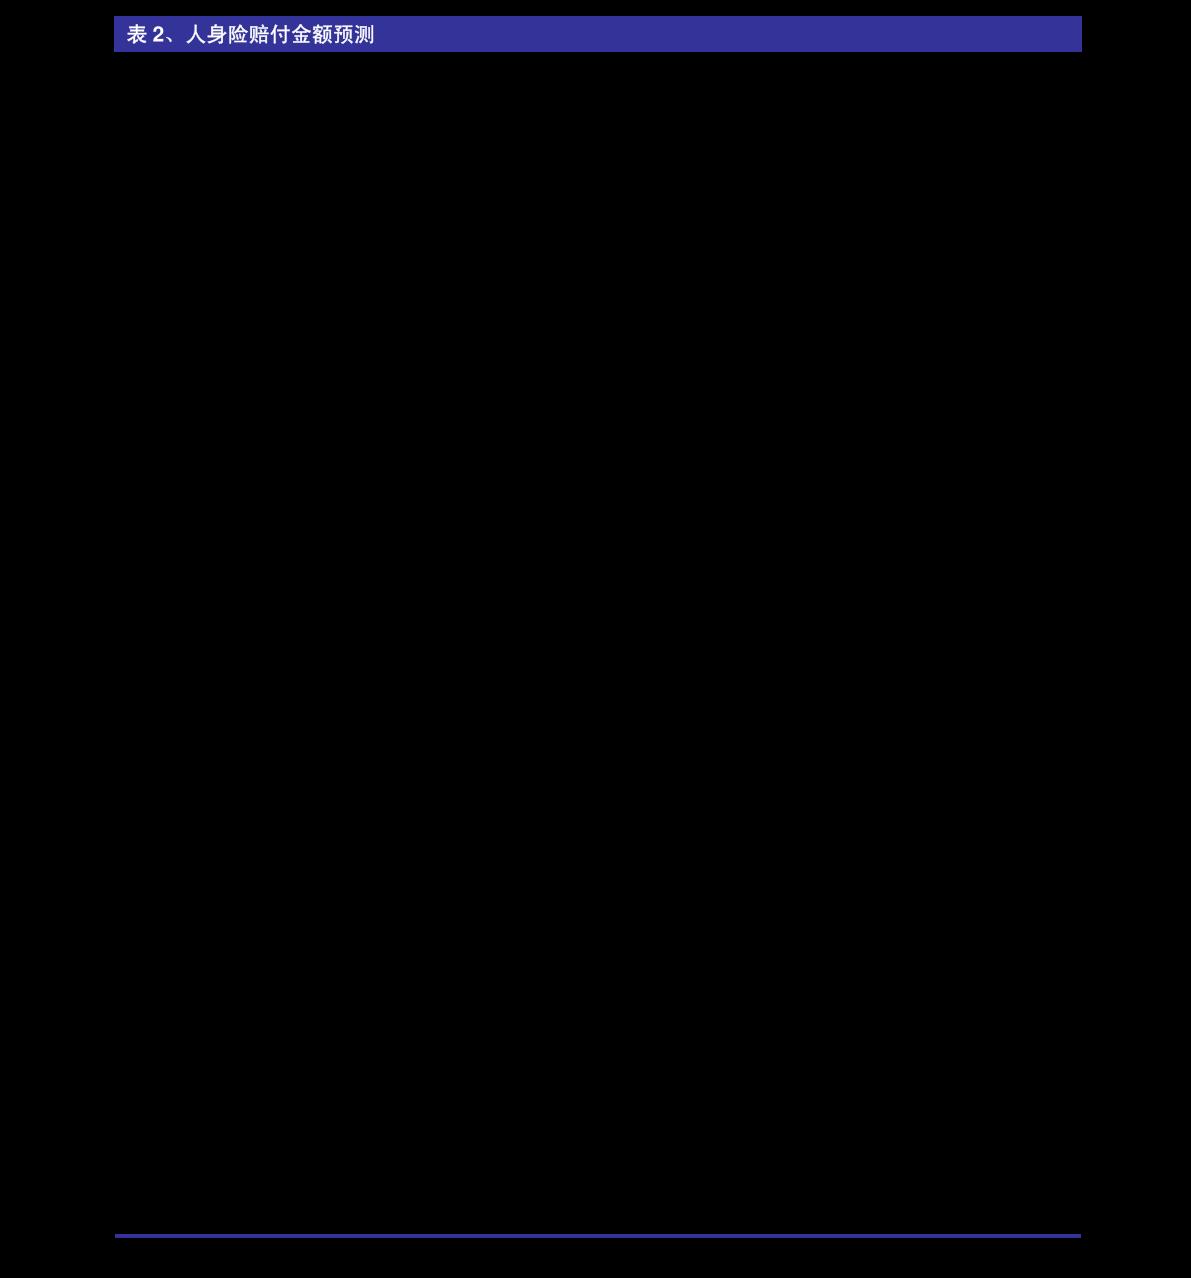 首创雷火电竞平台-国防军工雷火网址深度报告:军工产业排头兵,军用飞机更新列装迎高峰-210106